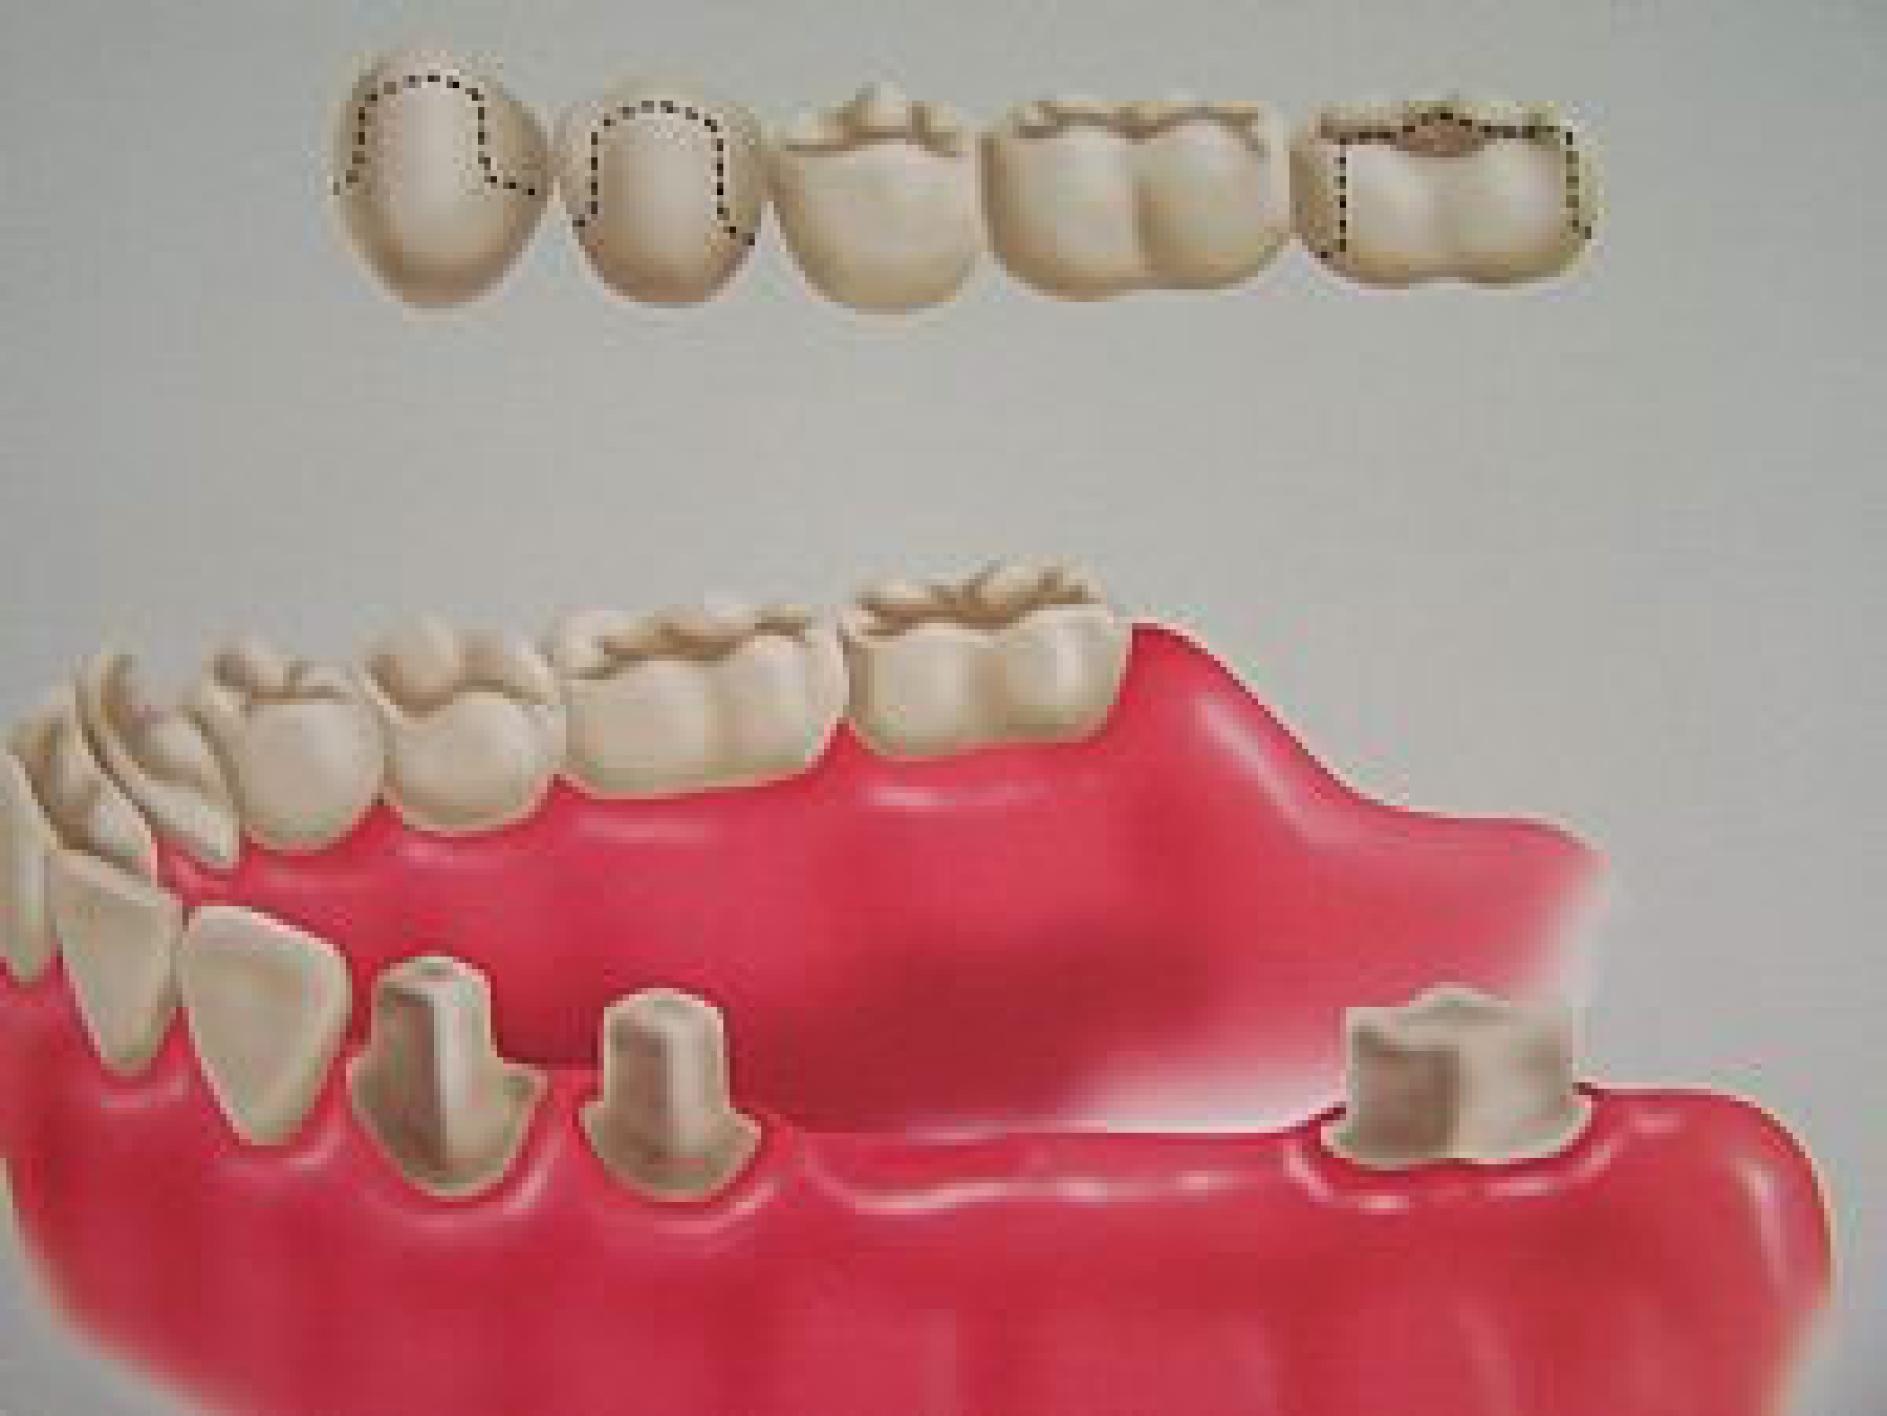 Fotos de proteses fixas dentarias 45